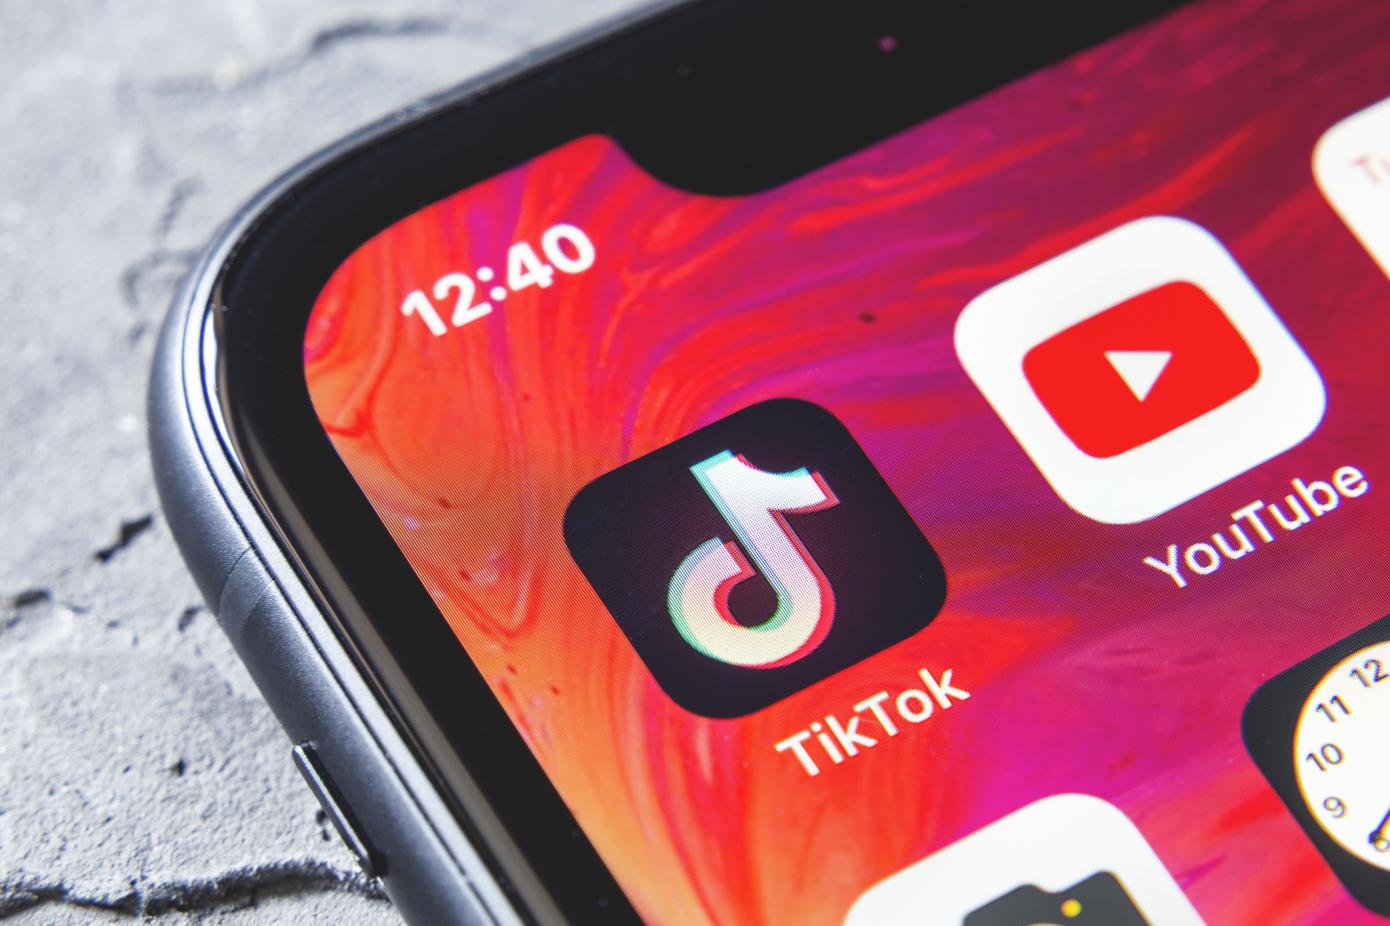 TikTok lanza nuevas funciones de comentarios destinadas a prevenir el bullying